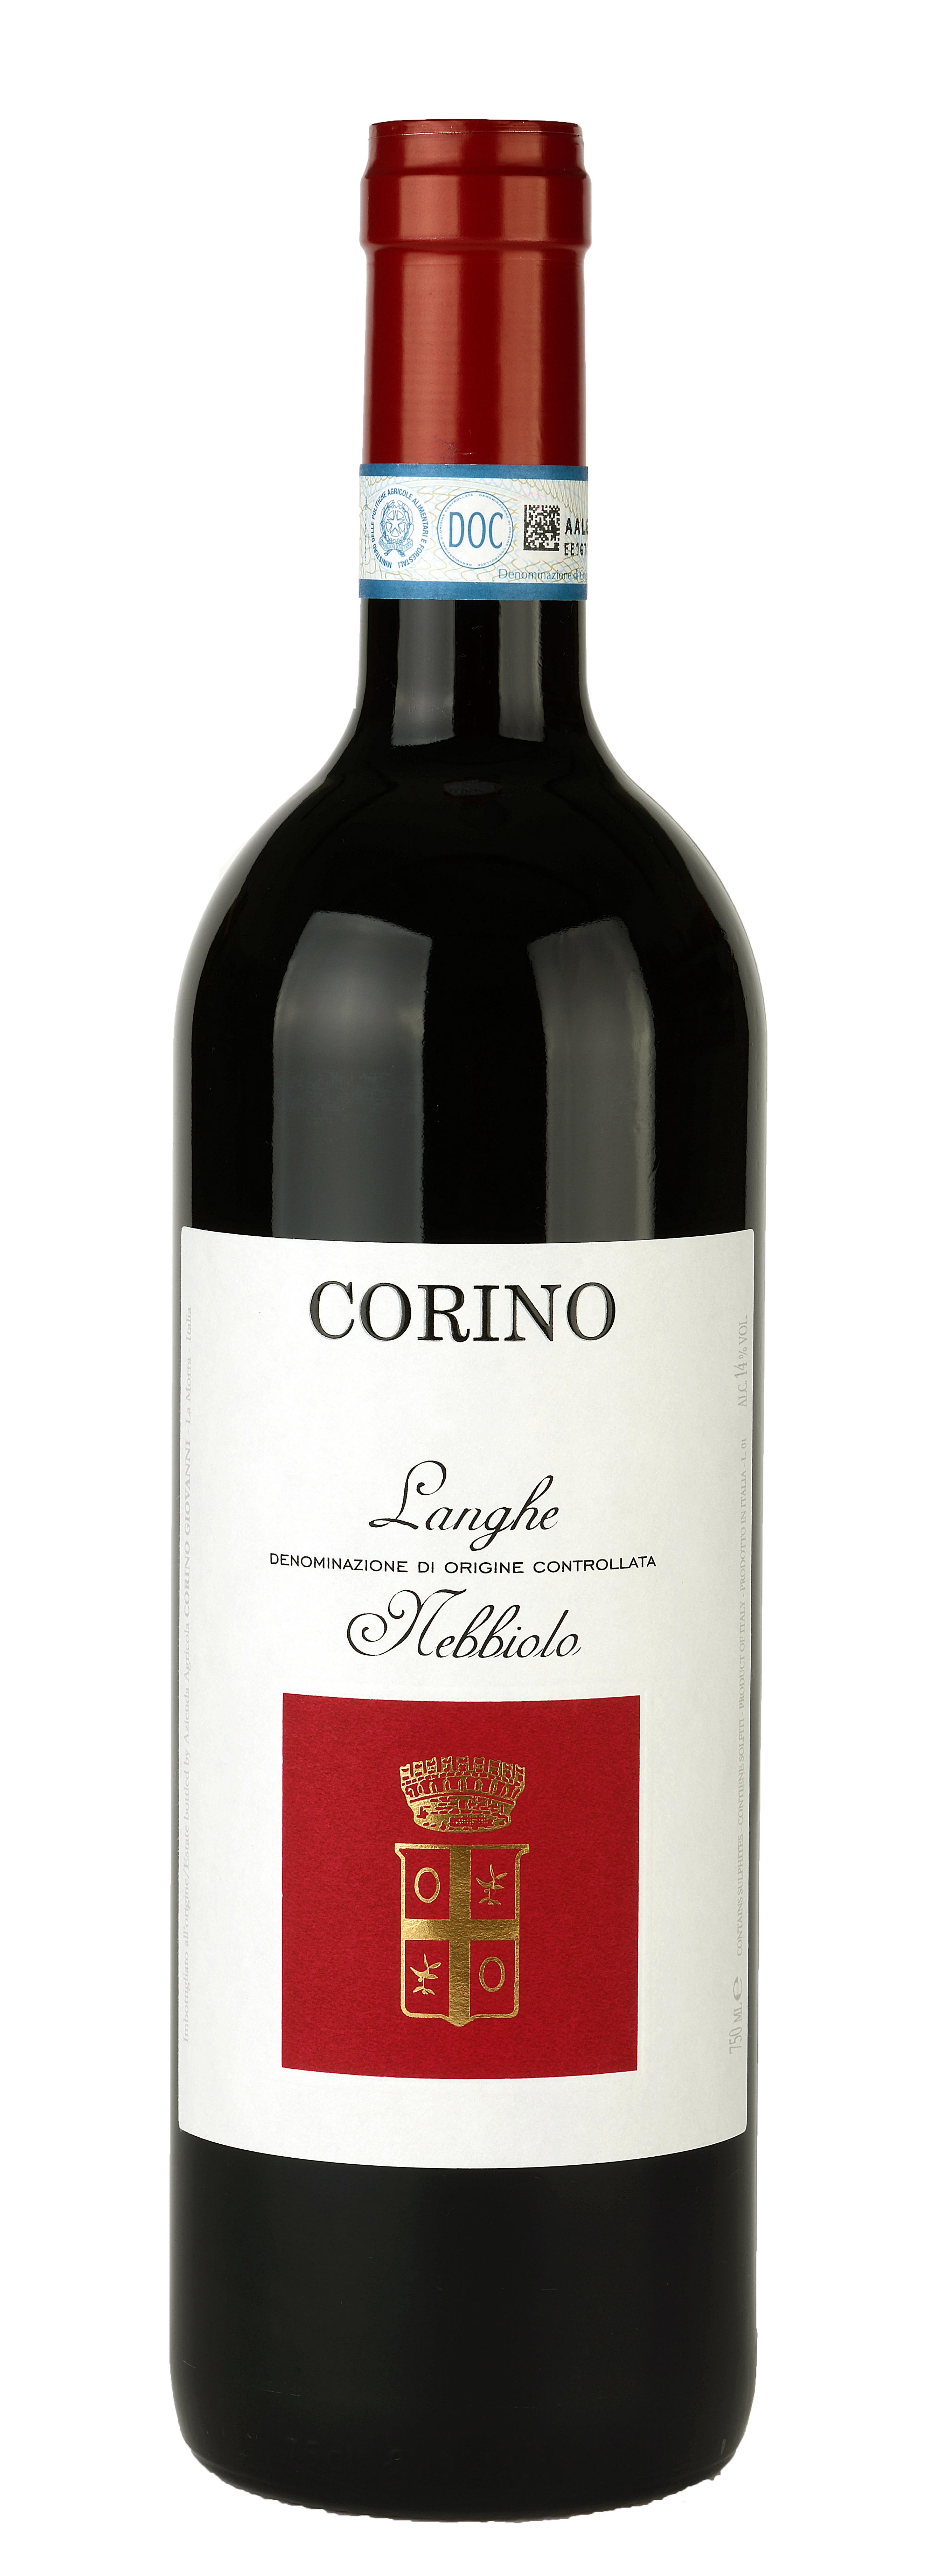 Corino Giovanni di Corino Giuliano, Langhe Nebbiolo 2016